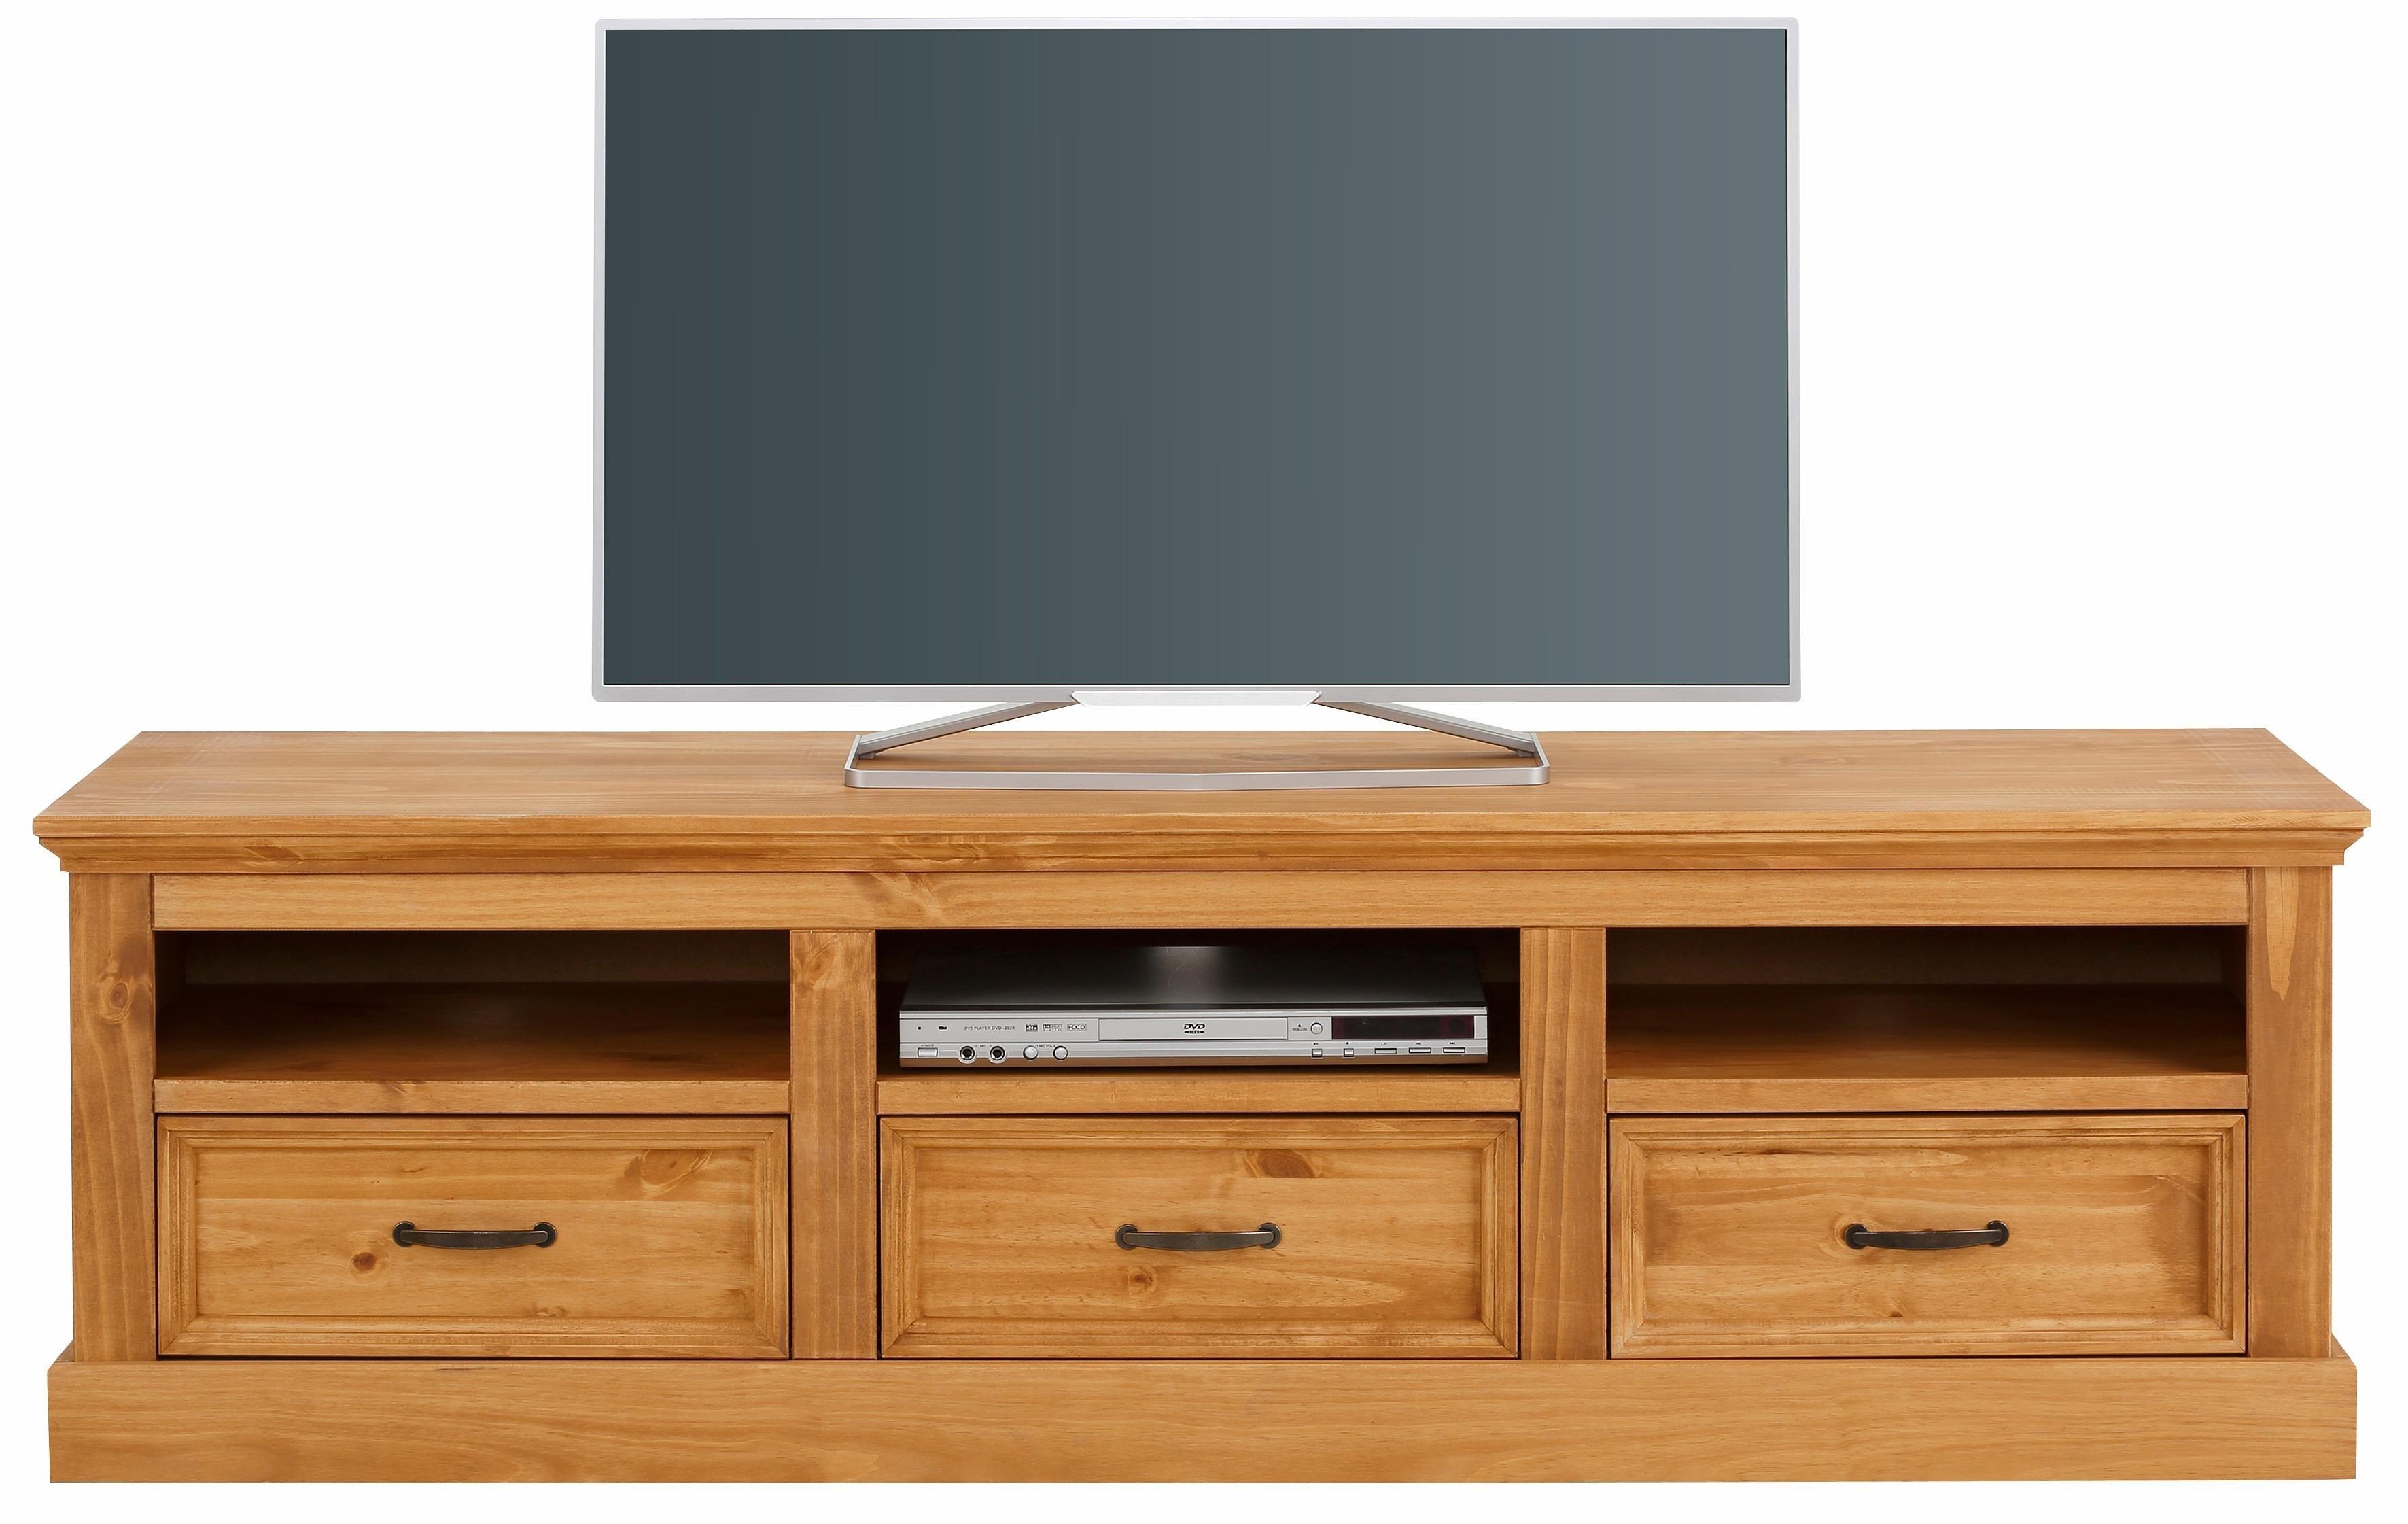 Home affaire tv-meubel »Selma« nu online kopen bij OTTO